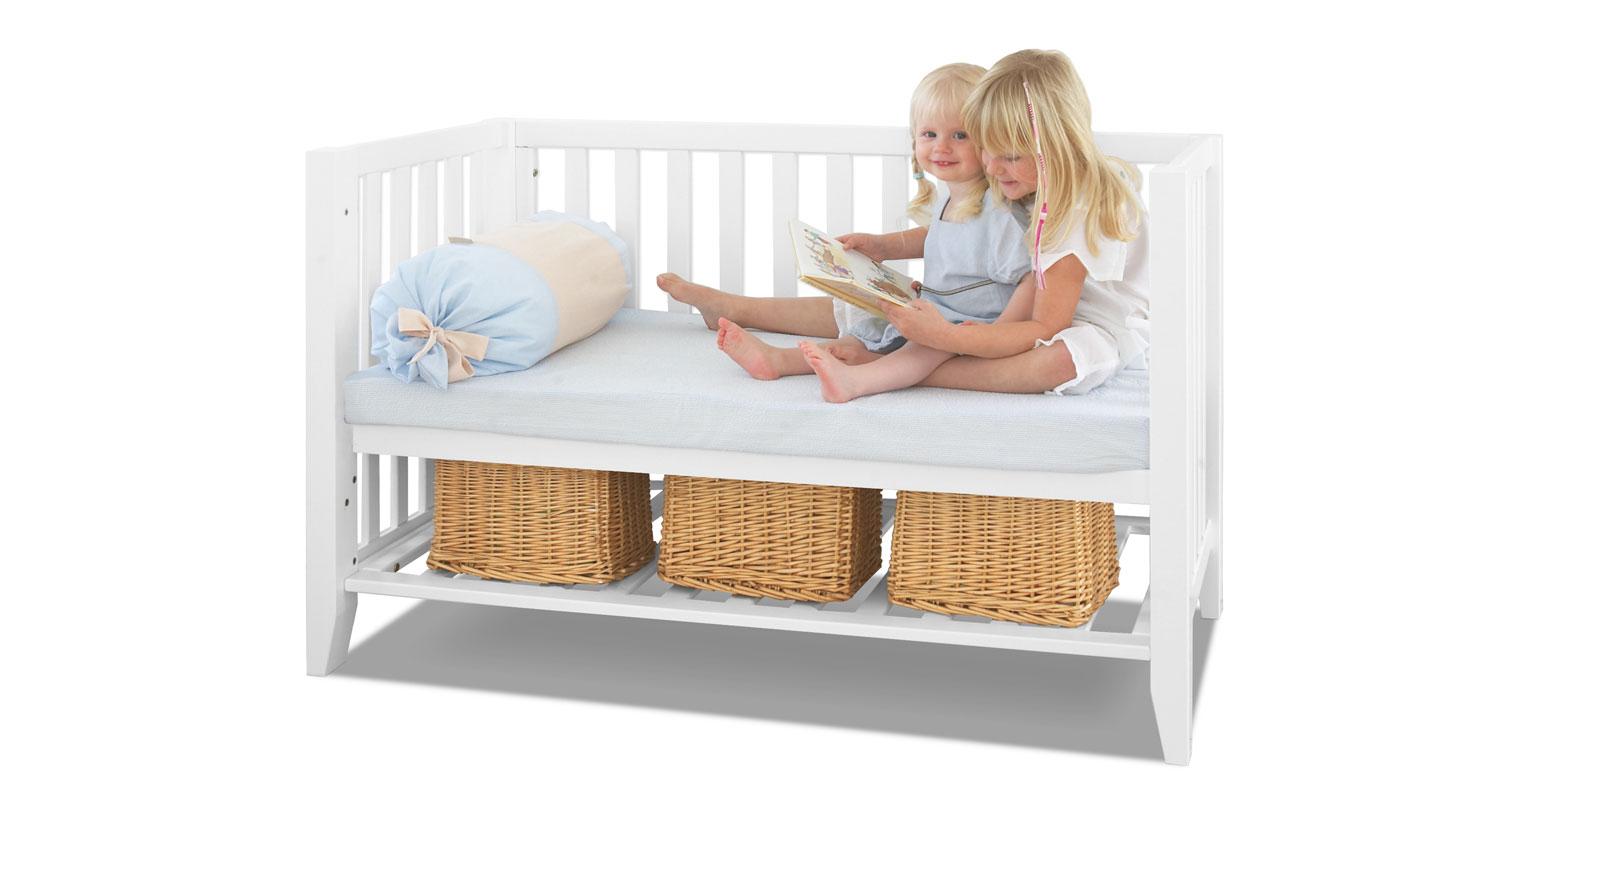 Babybett Kids Heaven zur Bettbank umbaubar